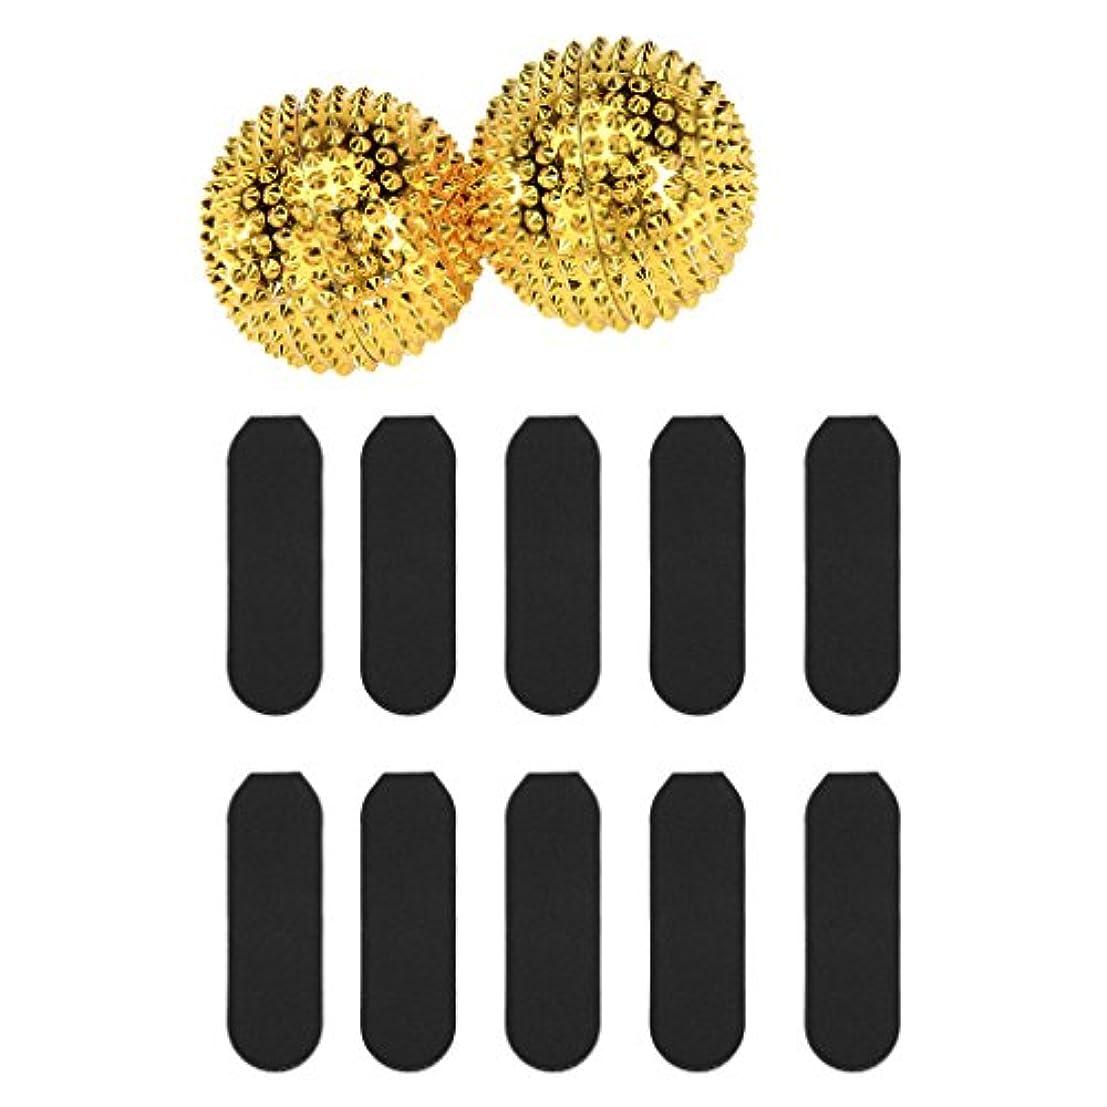 代わりのメイト高潔なマッサージ用 刺激 ボール + 10枚 サンドペーパー デッド スキン カルス リムーバー ツール